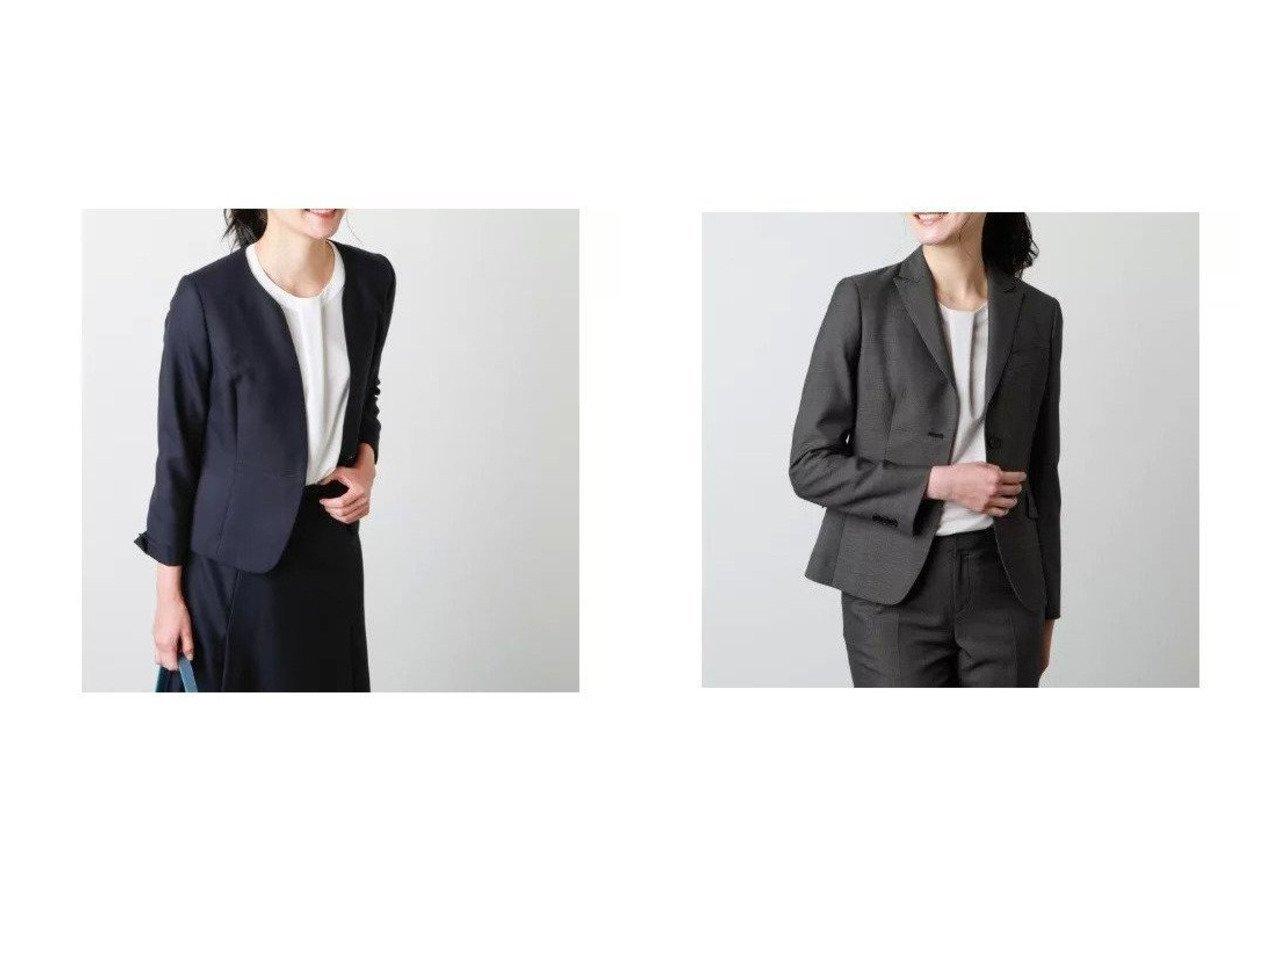 【NEWYORKER/ニューヨーカー】のウールシルクドビー ノーカラージャケット&ウールシルクドビー テーラード2釦ジャケット アウターのおすすめ!人気、トレンド・レディースファッションの通販 おすすめで人気の流行・トレンド、ファッションの通販商品 メンズファッション・キッズファッション・インテリア・家具・レディースファッション・服の通販 founy(ファニー) https://founy.com/ ファッション Fashion レディースファッション WOMEN アウター Coat Outerwear ジャケット Jackets ノーカラージャケット No Collar Leather Jackets インナー エレガント 春 Spring カットソー キュプラ シェイプ シルク ジャケット スマート スリット スーツ セットアップ ドット ポケット 無地 ロング 2021年 2021 S/S 春夏 SS Spring/Summer 2021 春夏 S/S SS Spring/Summer 2021 |ID:crp329100000016369